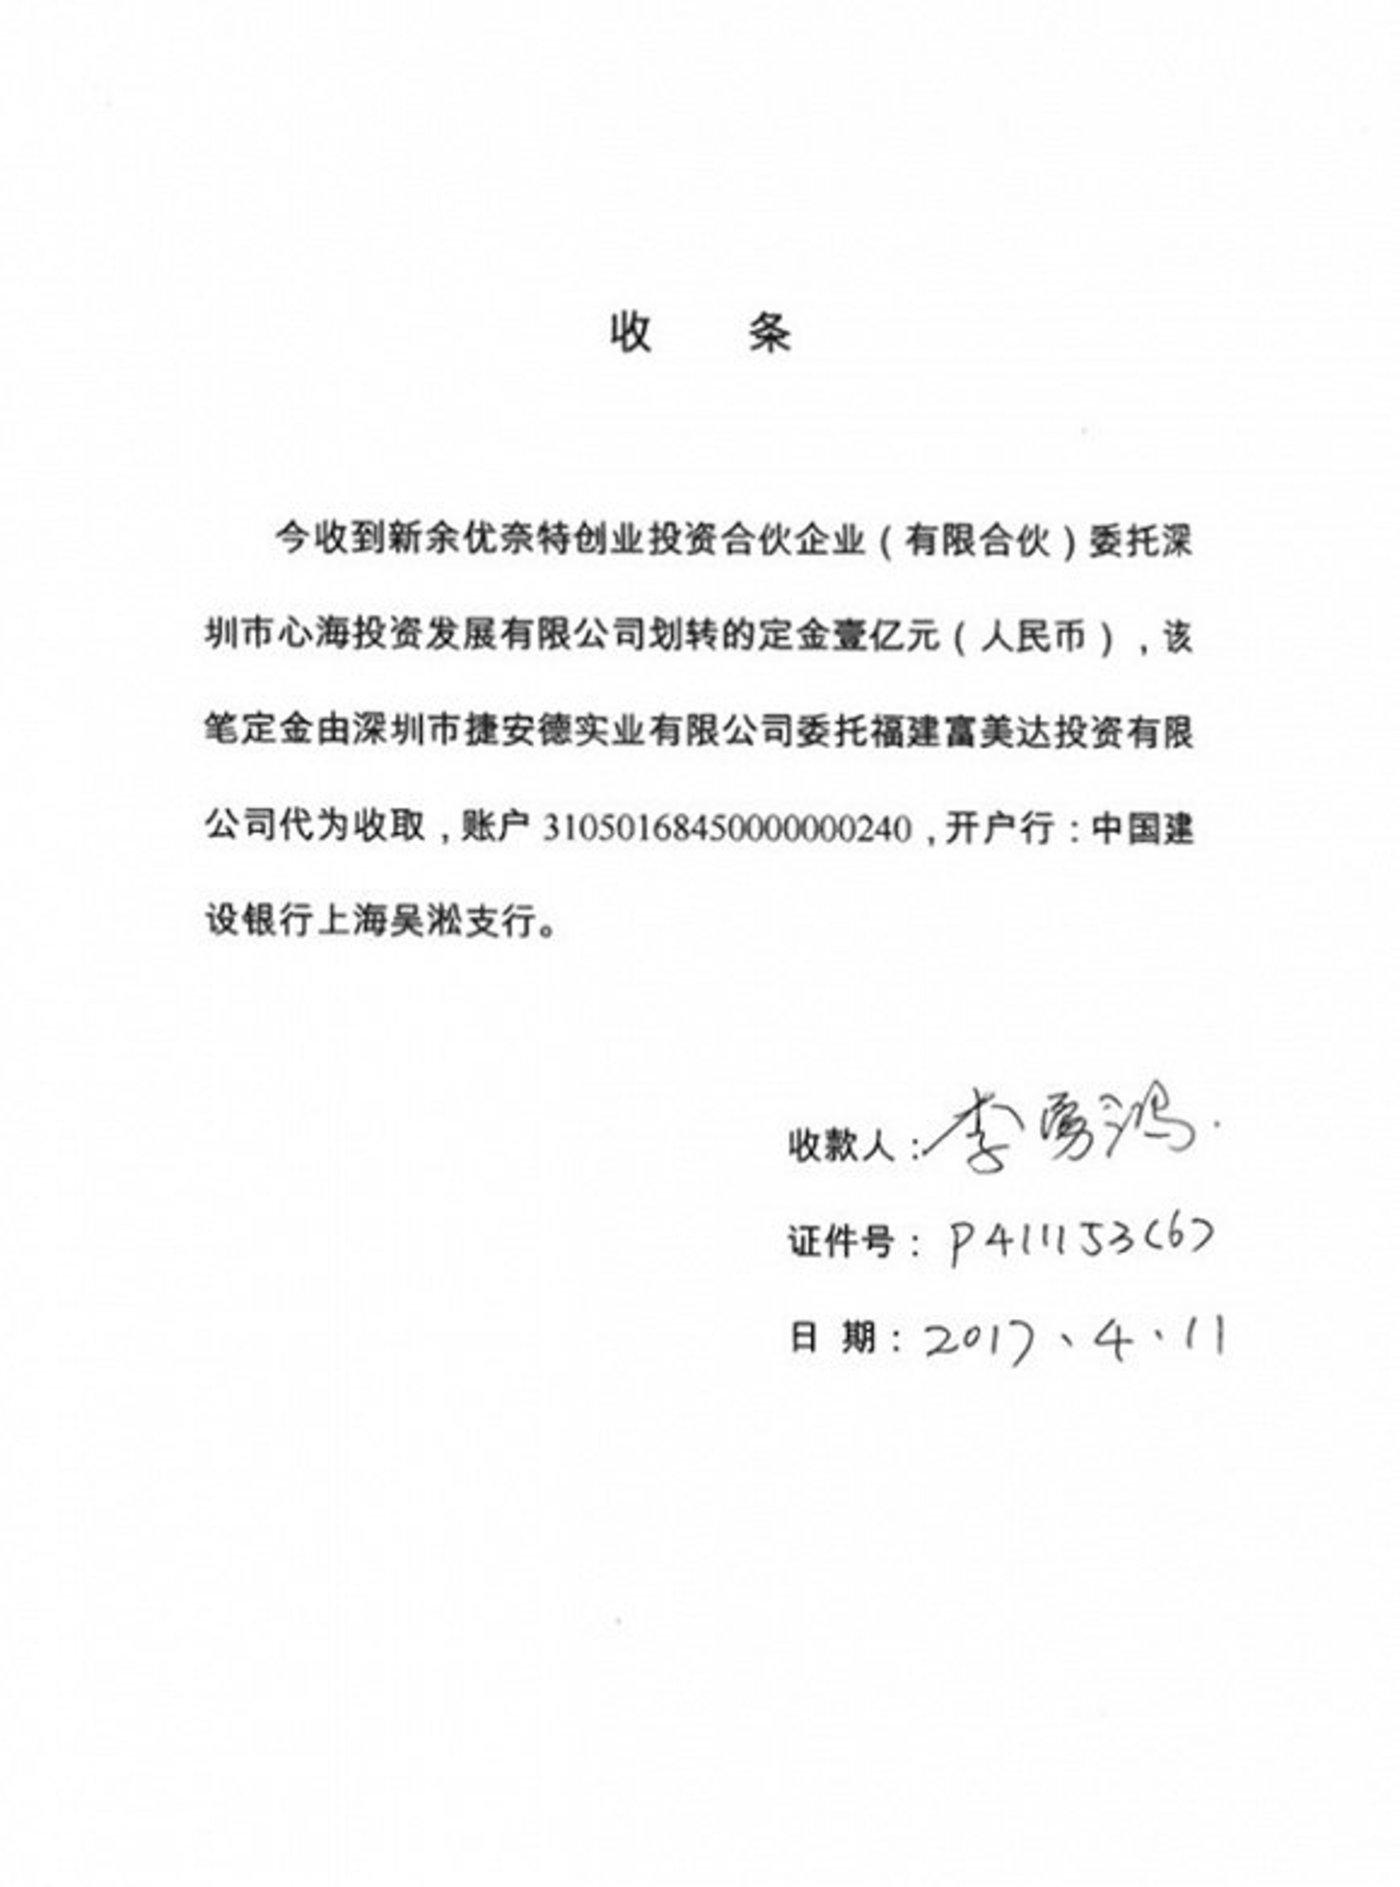 李勇鸿亲笔签名的欠条